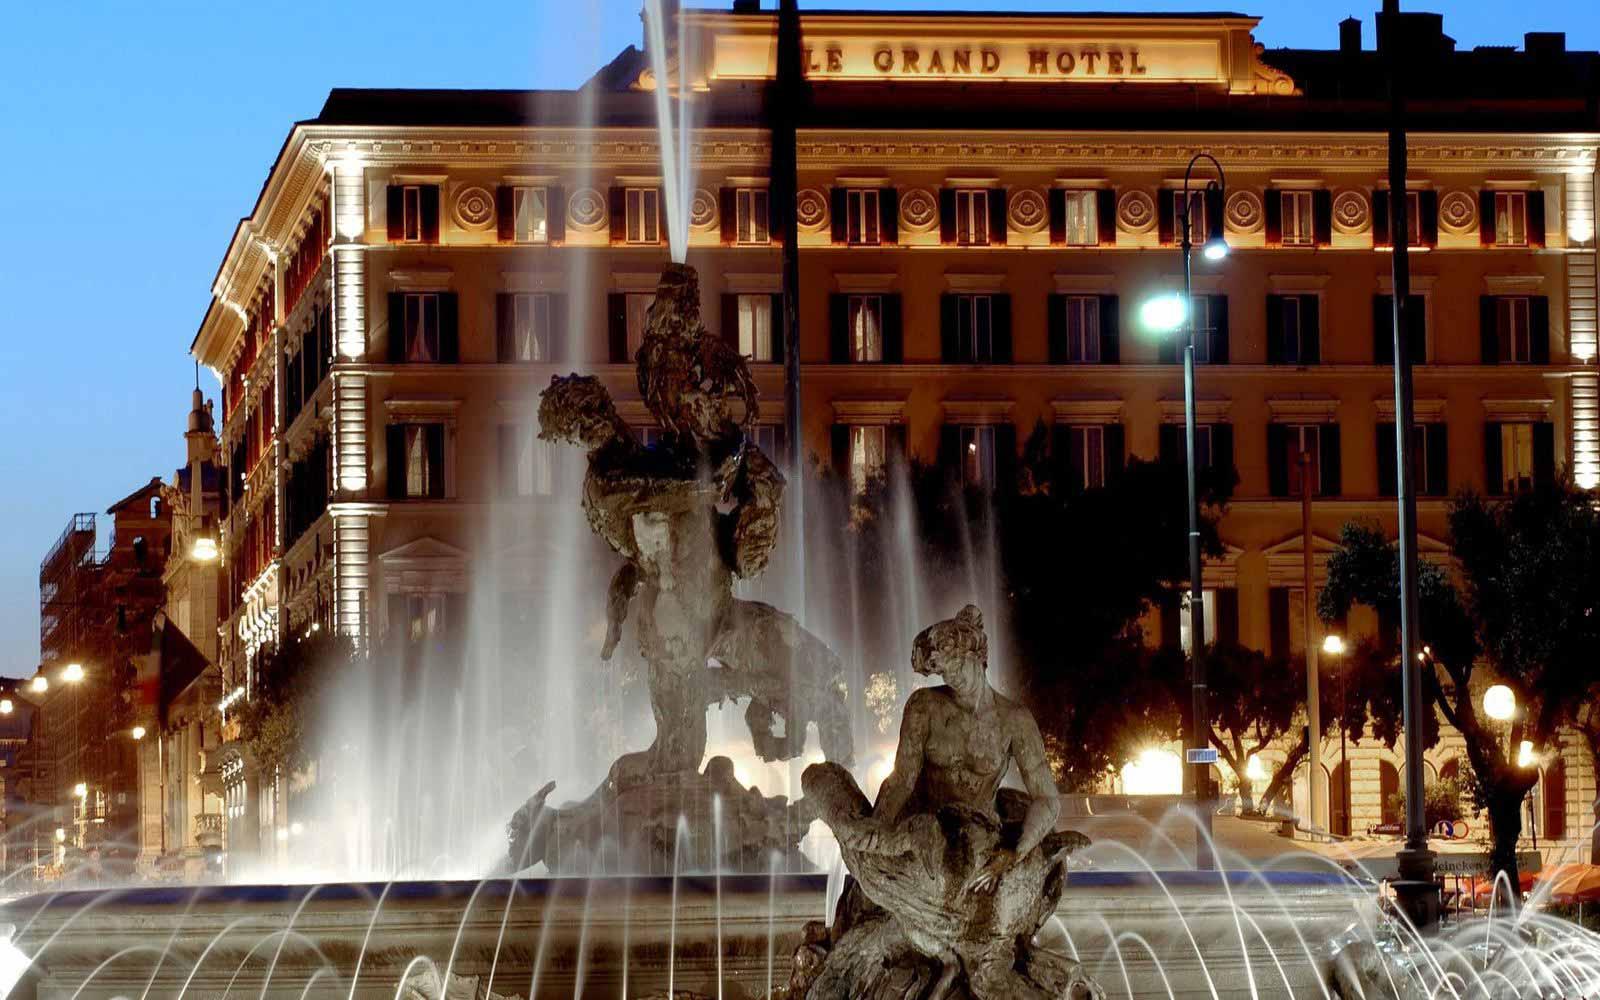 Outside St. Regis Grand Hotel